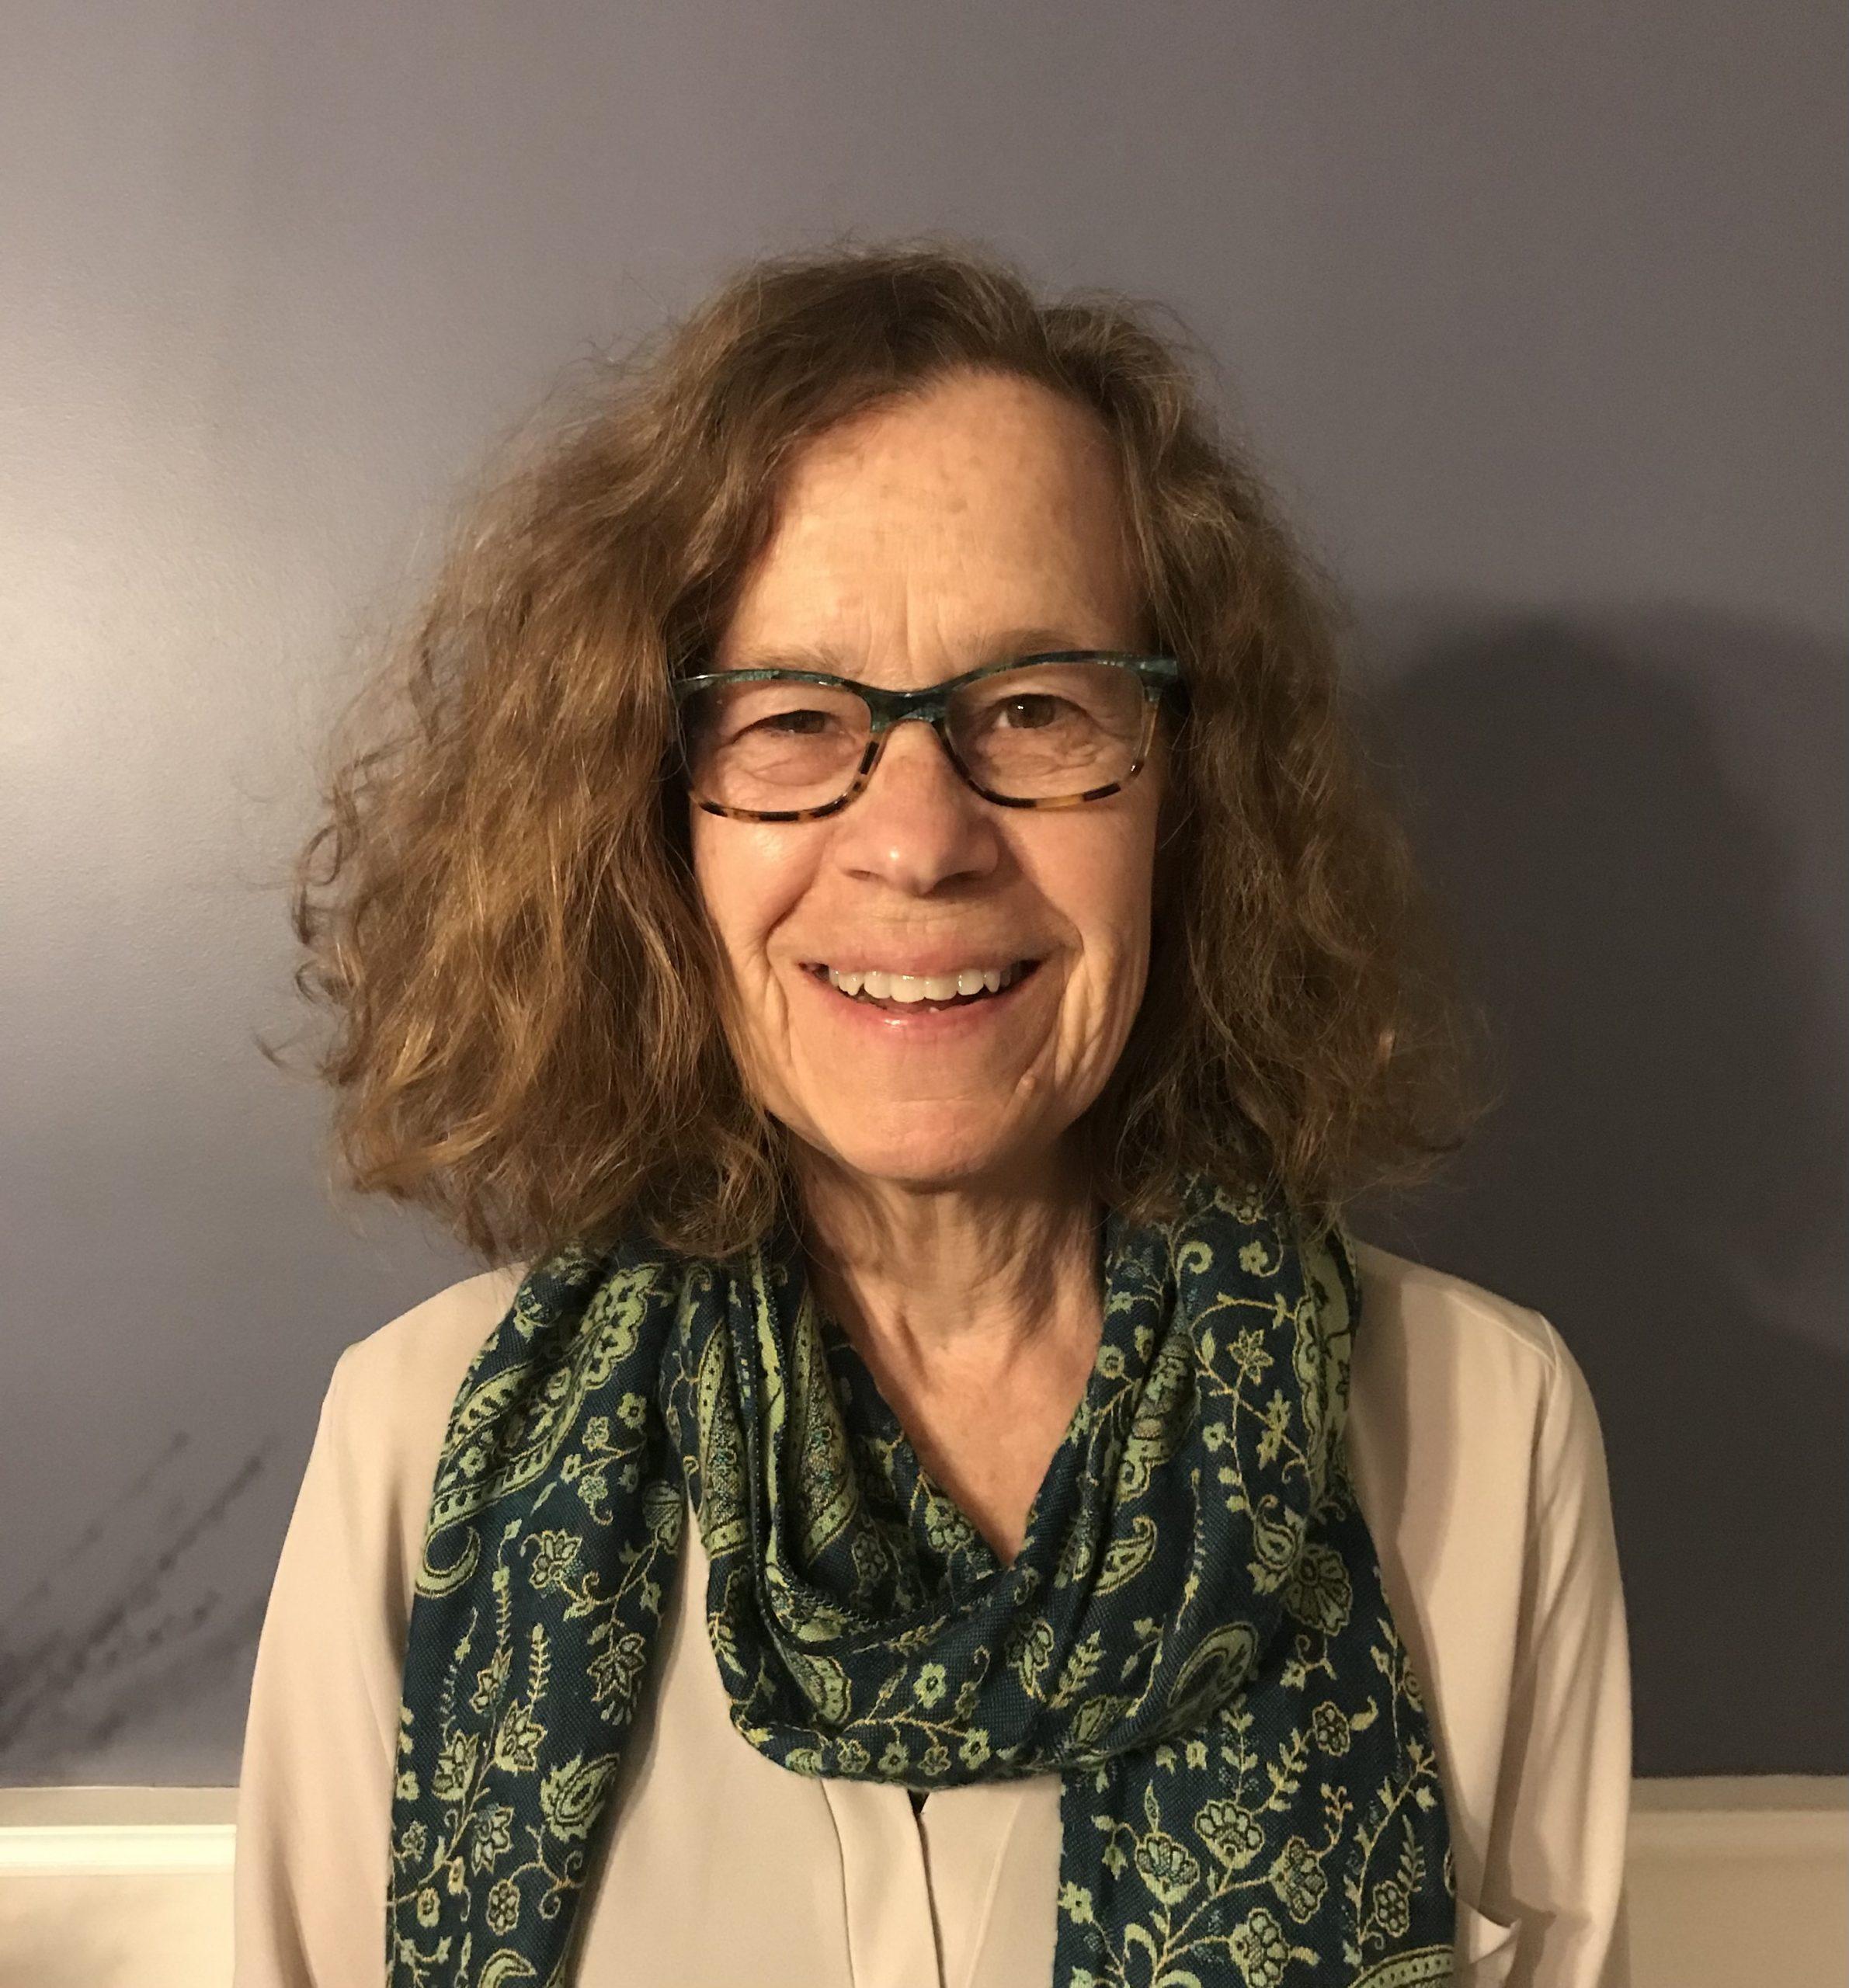 Wendy L. Alpaugh, D.M.D.